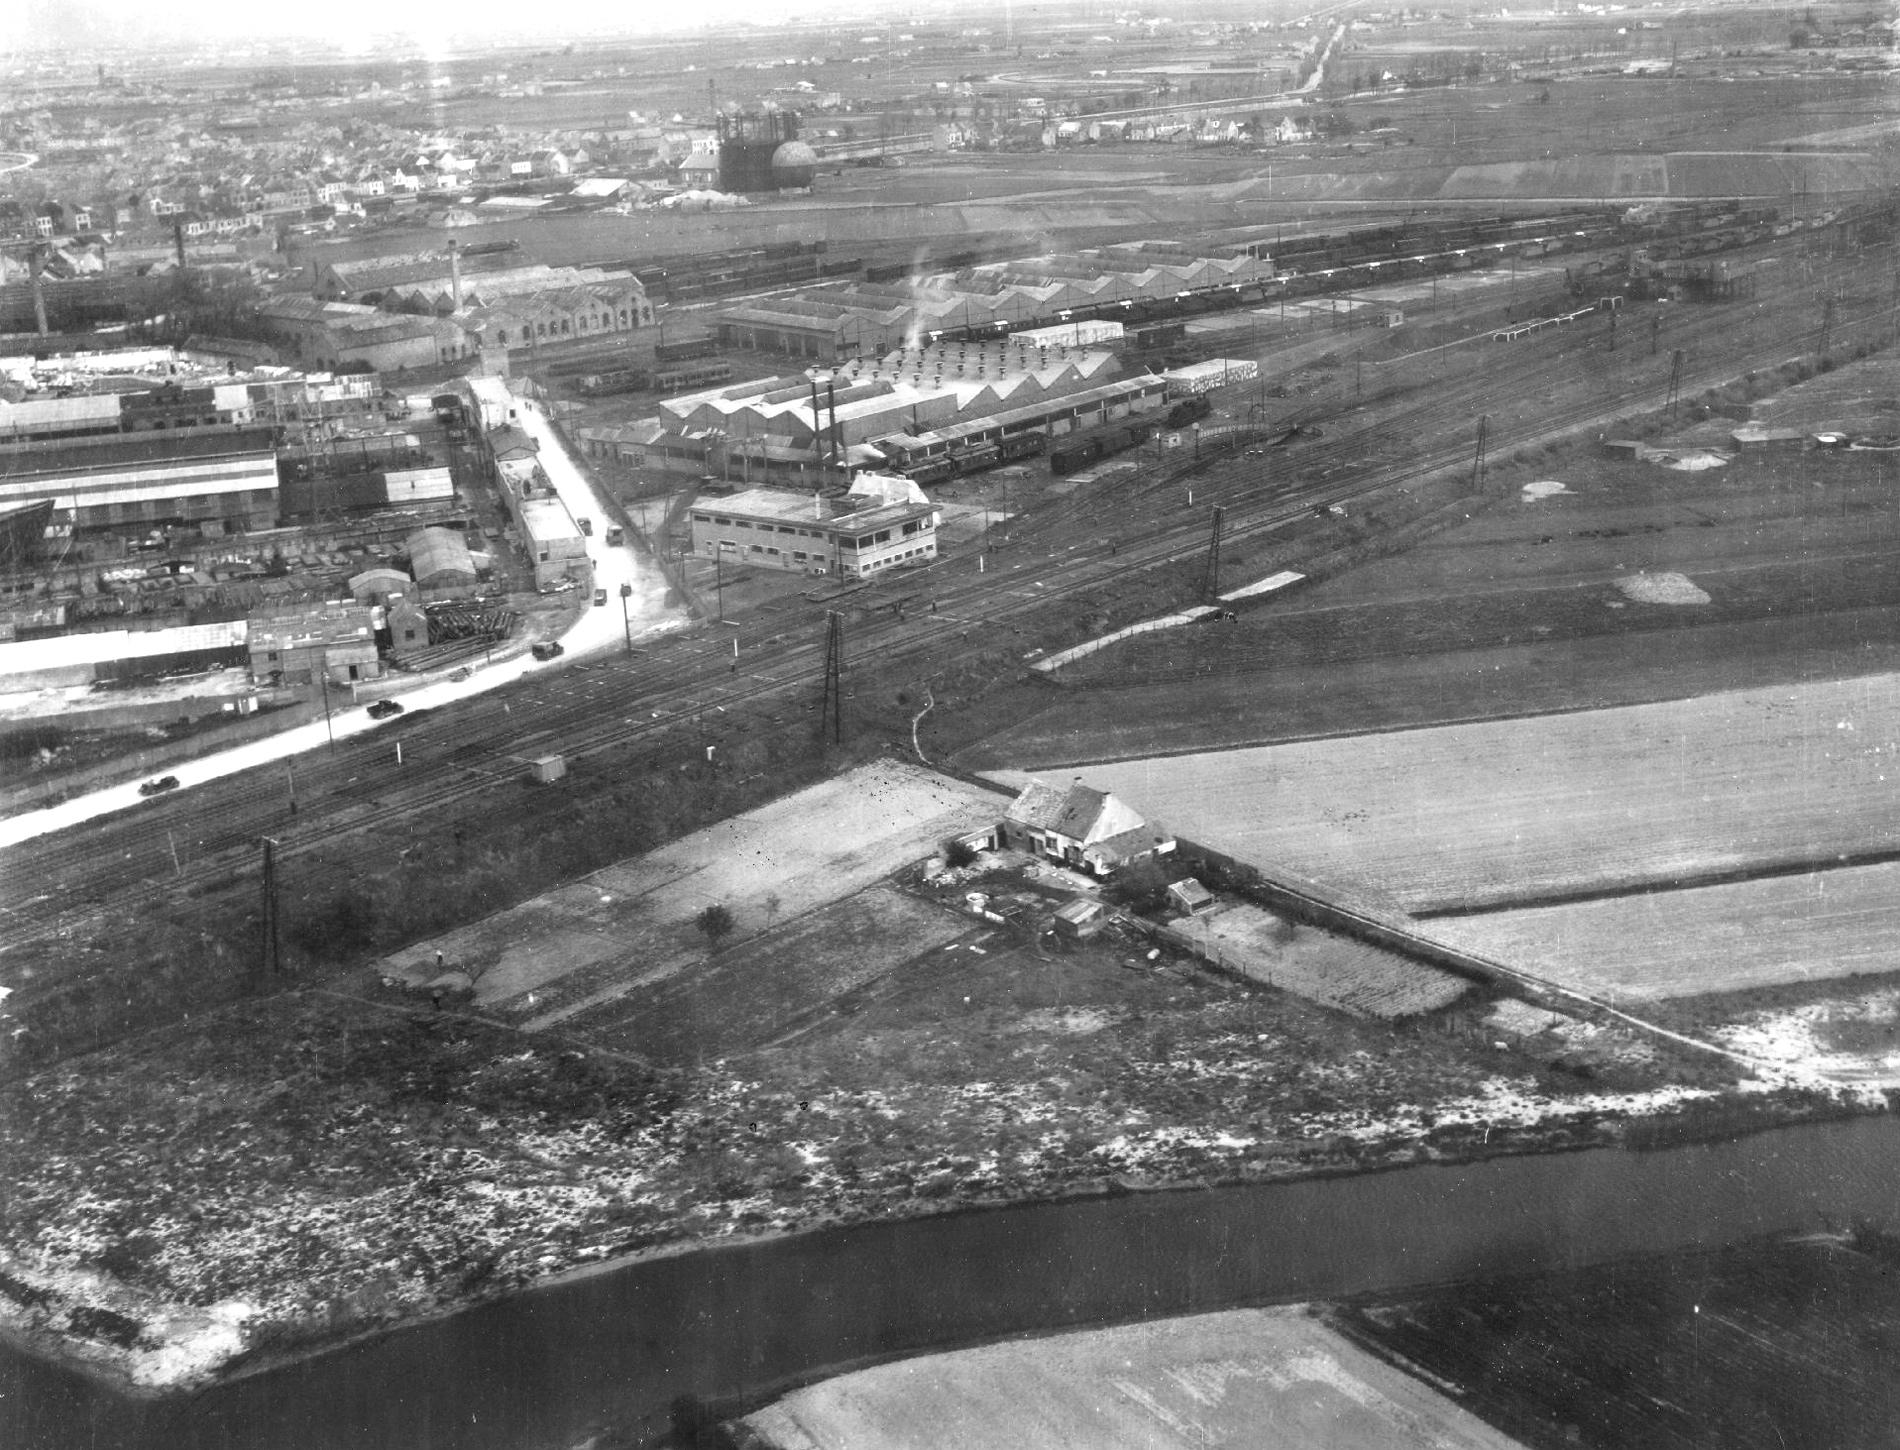 Luchtfoto van het industrieterrein in de Camerlinksstraat in Oostende in België